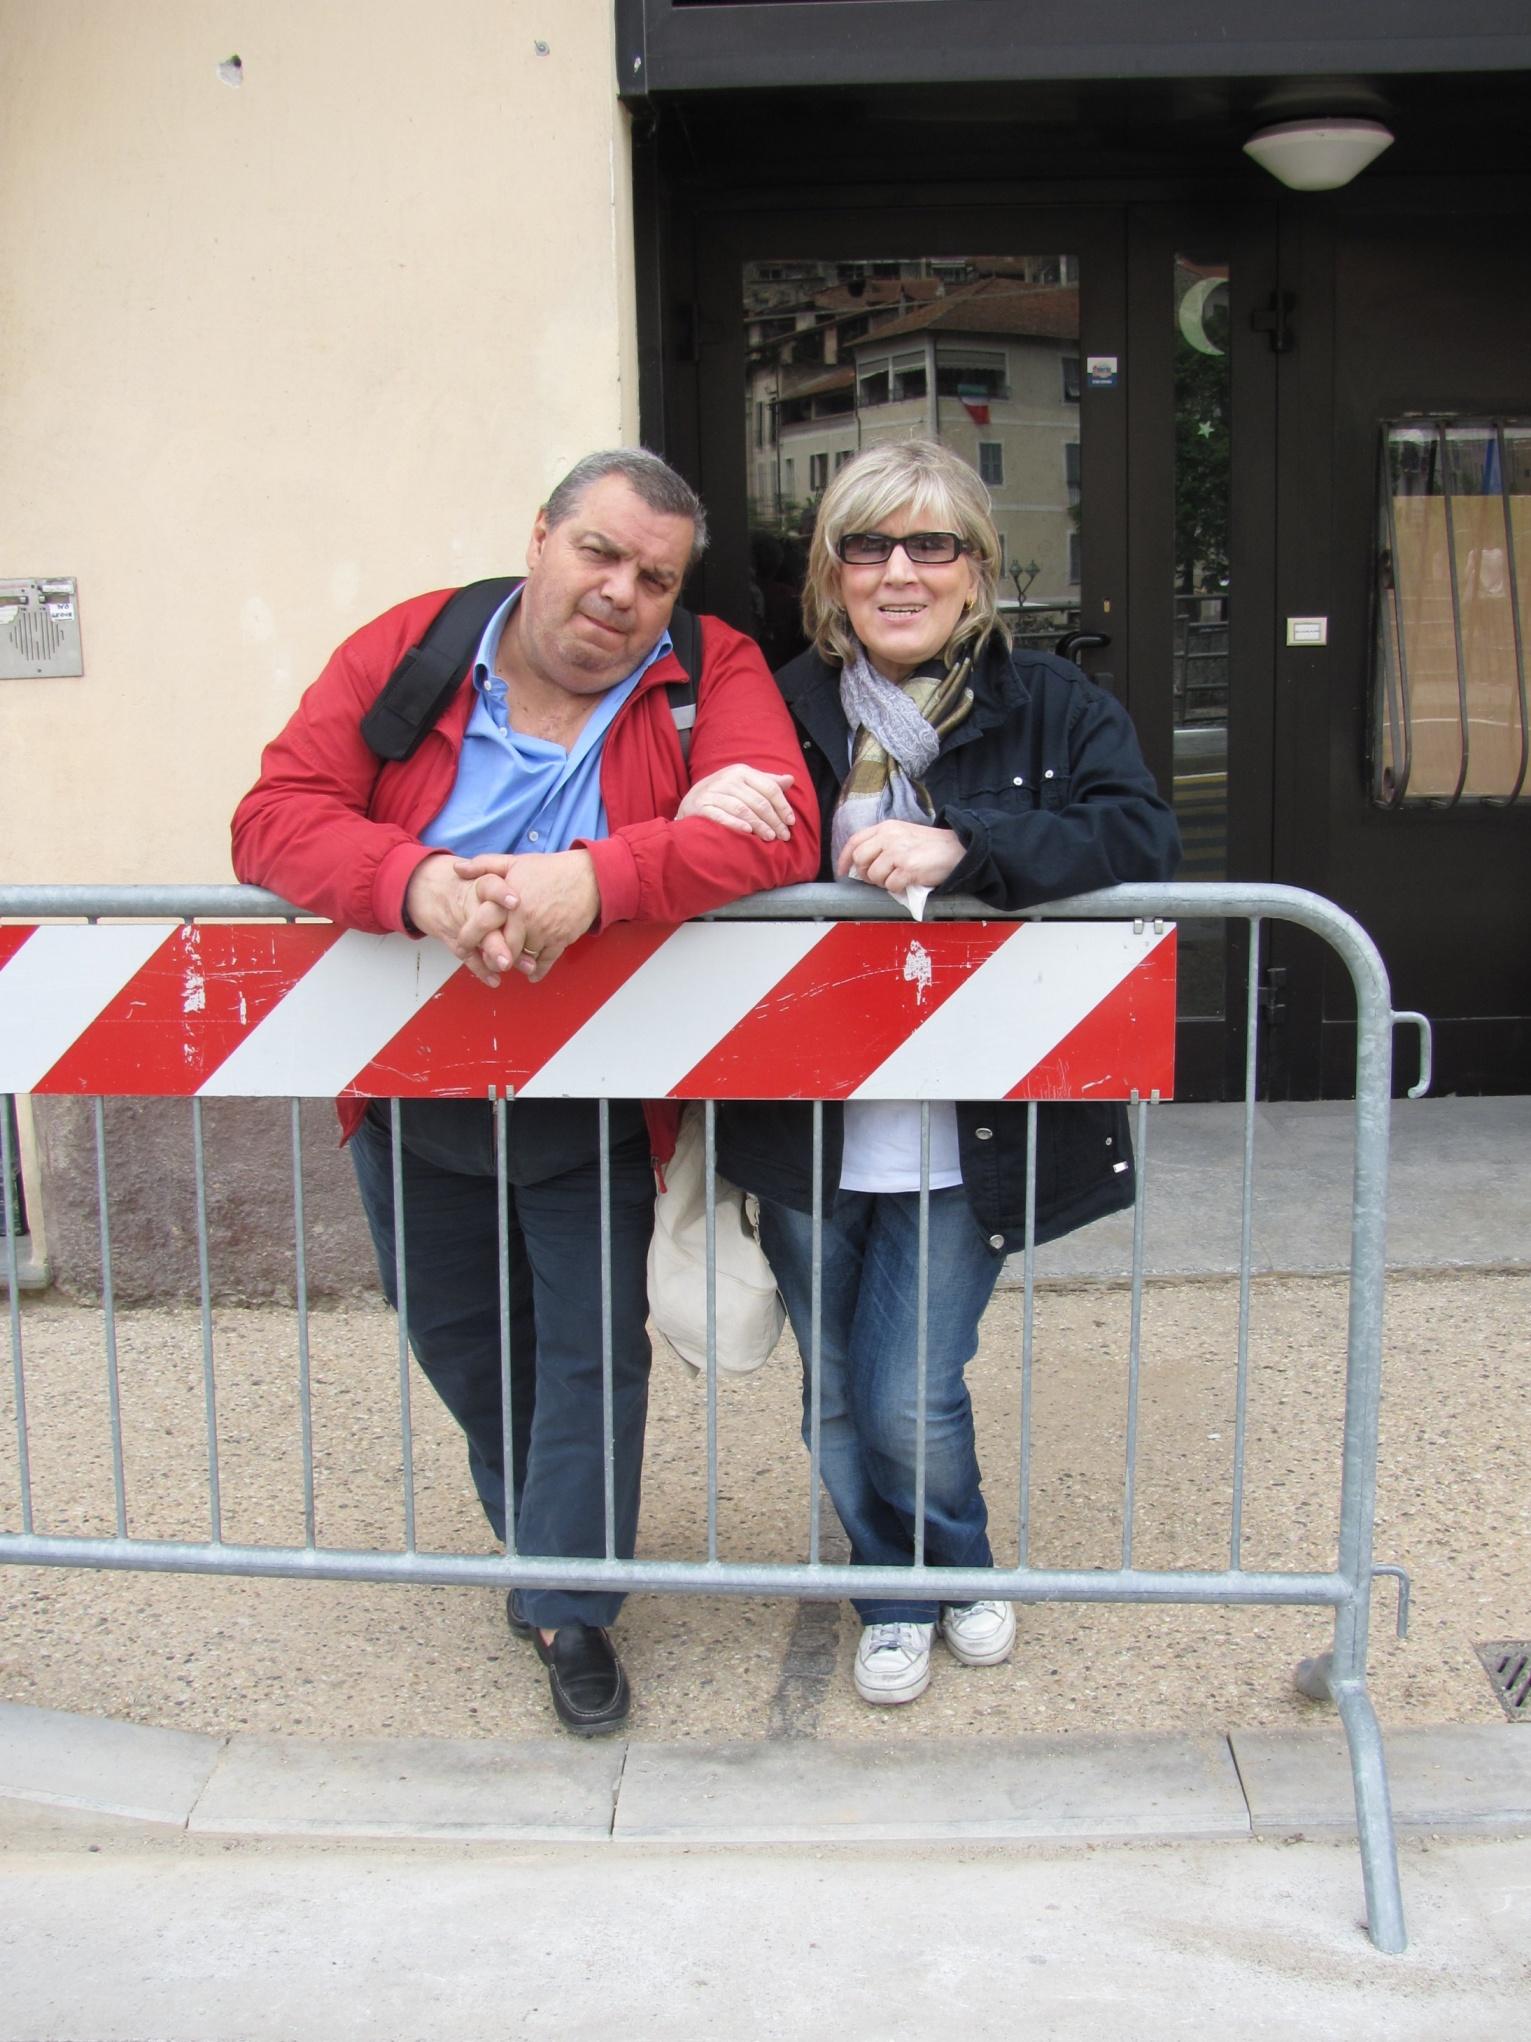 pasquetta_dolceacqua-2011-04-25-14-13-45